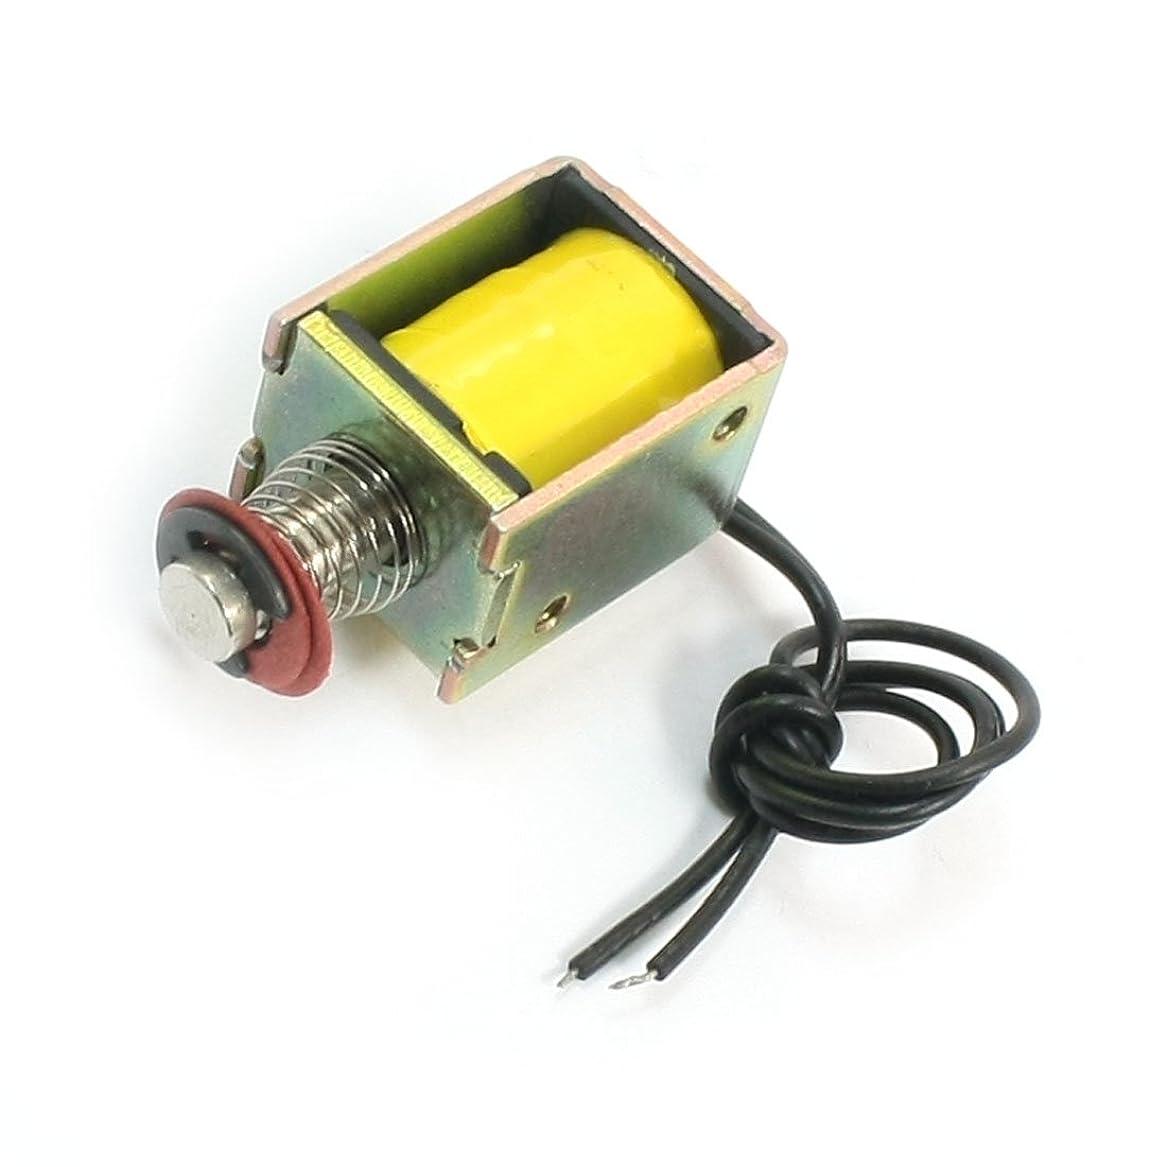 混合した体知人uxcell ソレノイド 電磁石  DC 12V 0.17A 1mm 150g 3mm 35g プッシュプルのタイプ